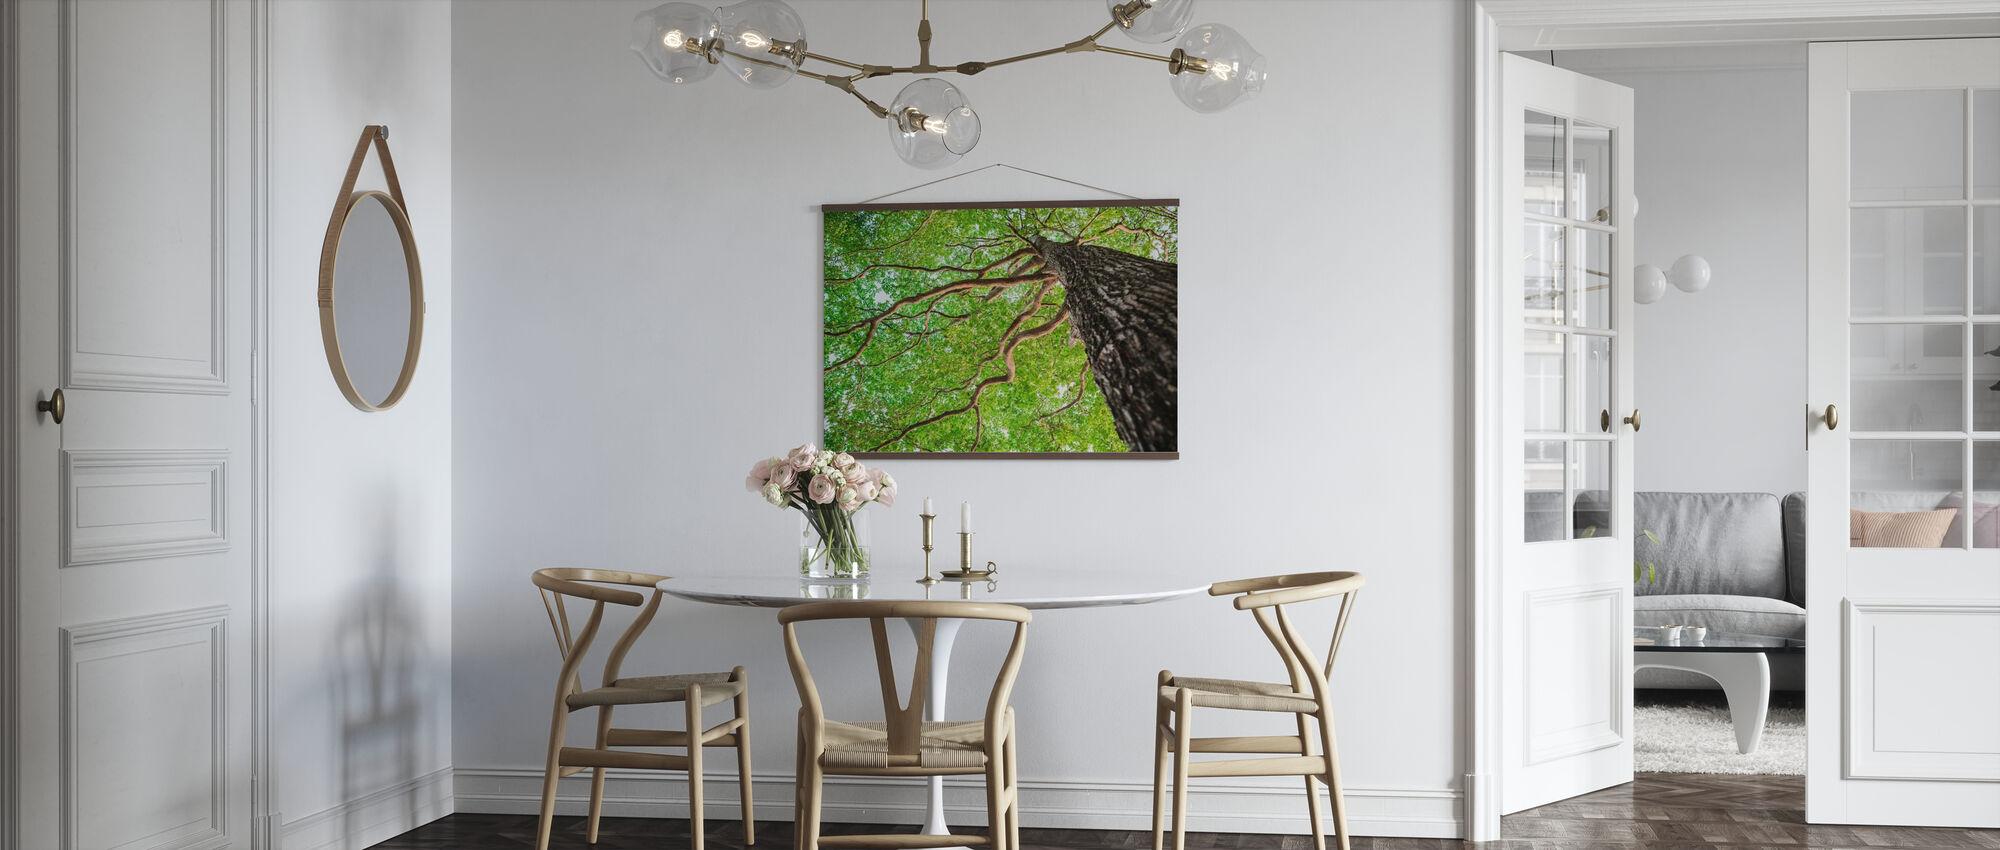 Grüner Blattbaum - Poster - Küchen